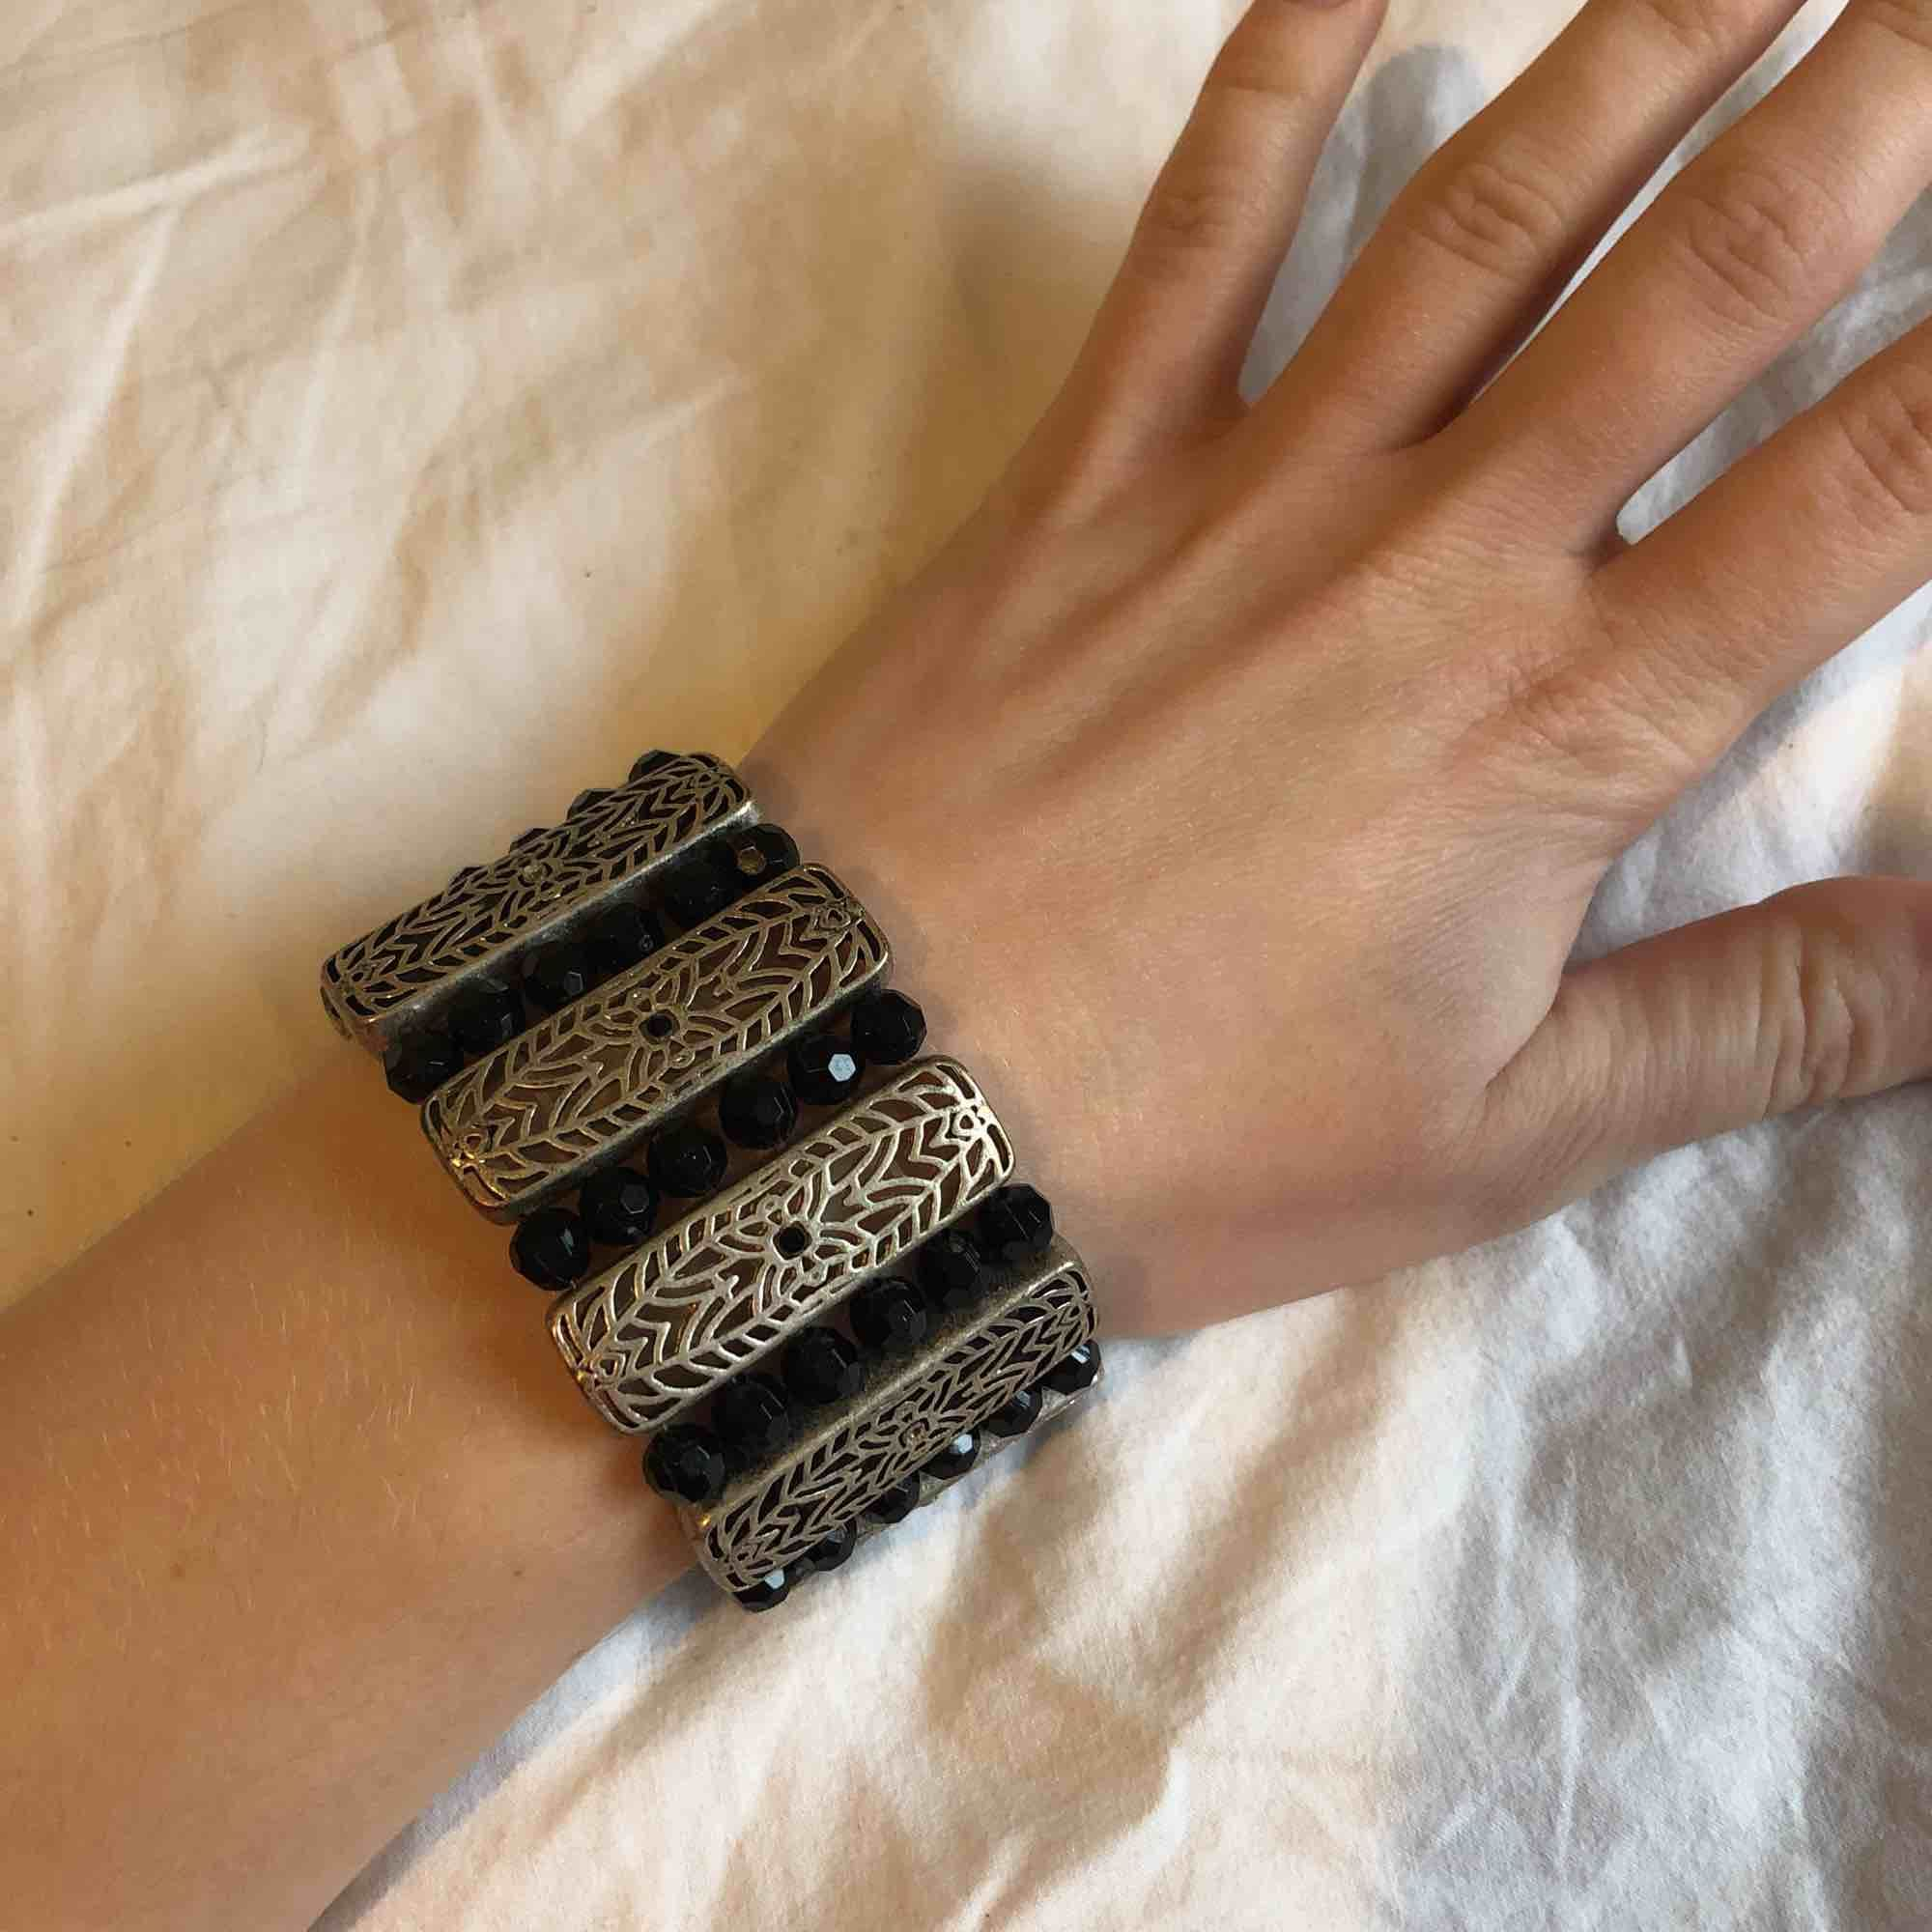 Silvrig metall med svarta slipade pärlor i plast. Totalt 18 cm långt med bra stretch för att få på och av. Tre av de små svarta pärlorna på silverdelarna saknas men det märks knappt.. Accessoarer.